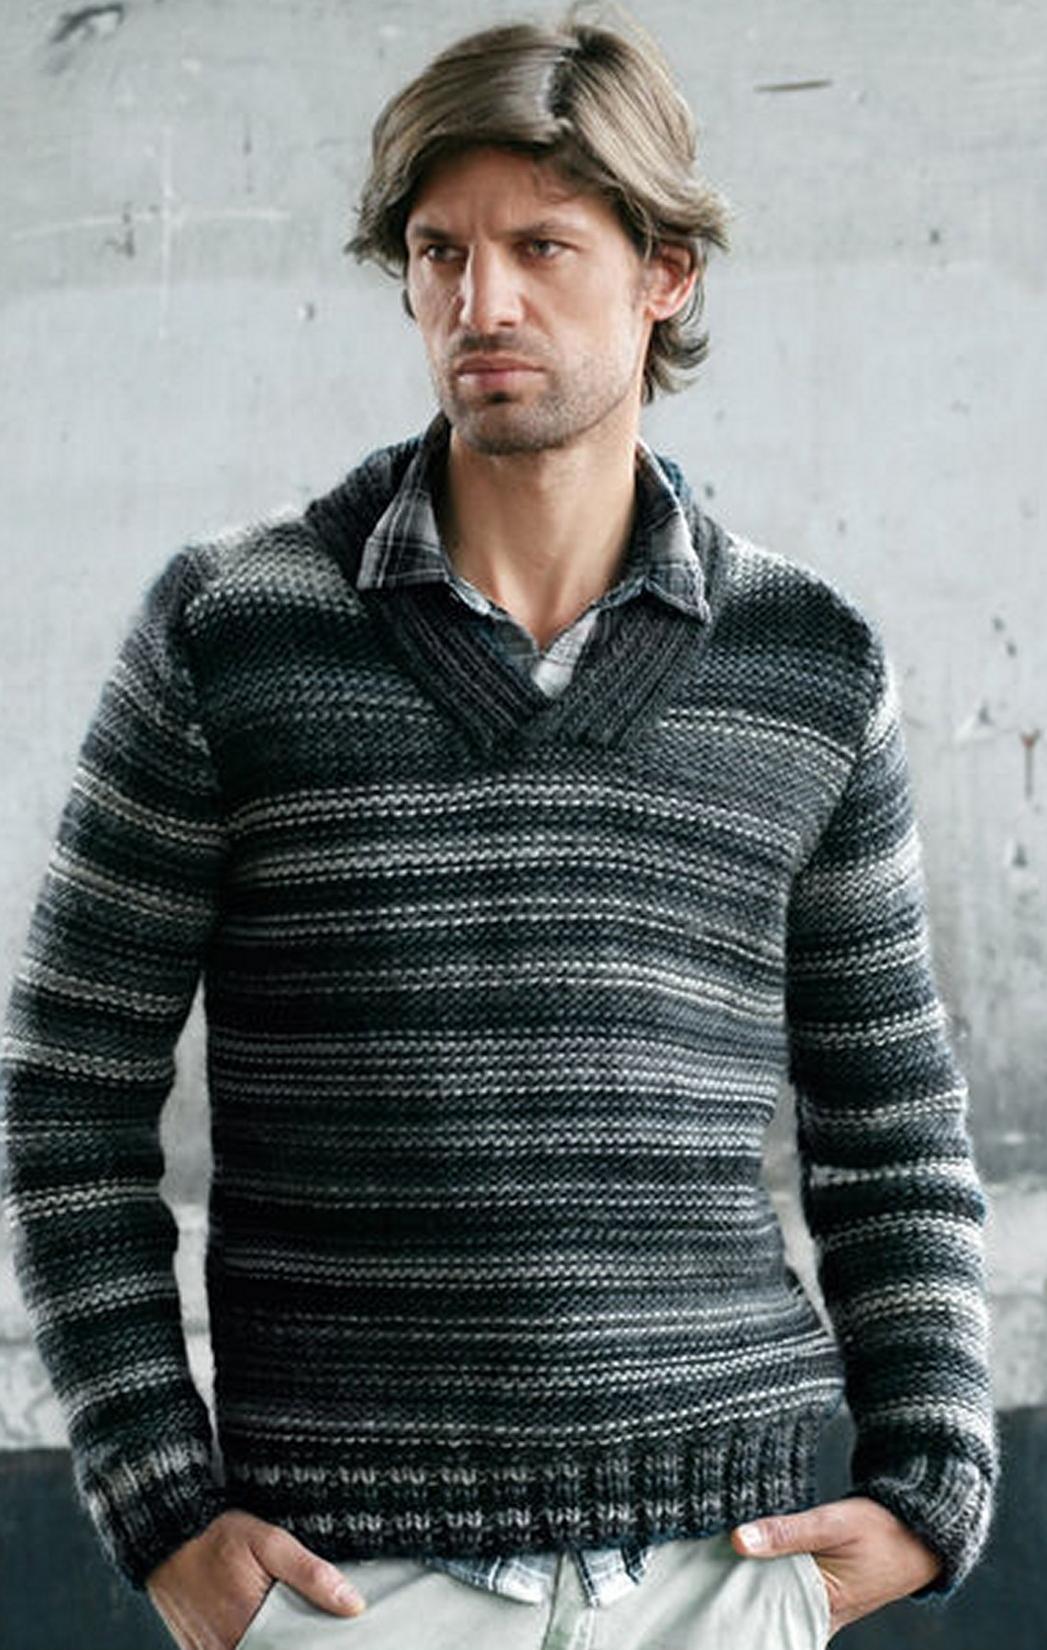 Мужской пуловер из меланжевой пряжи вязаный спицами